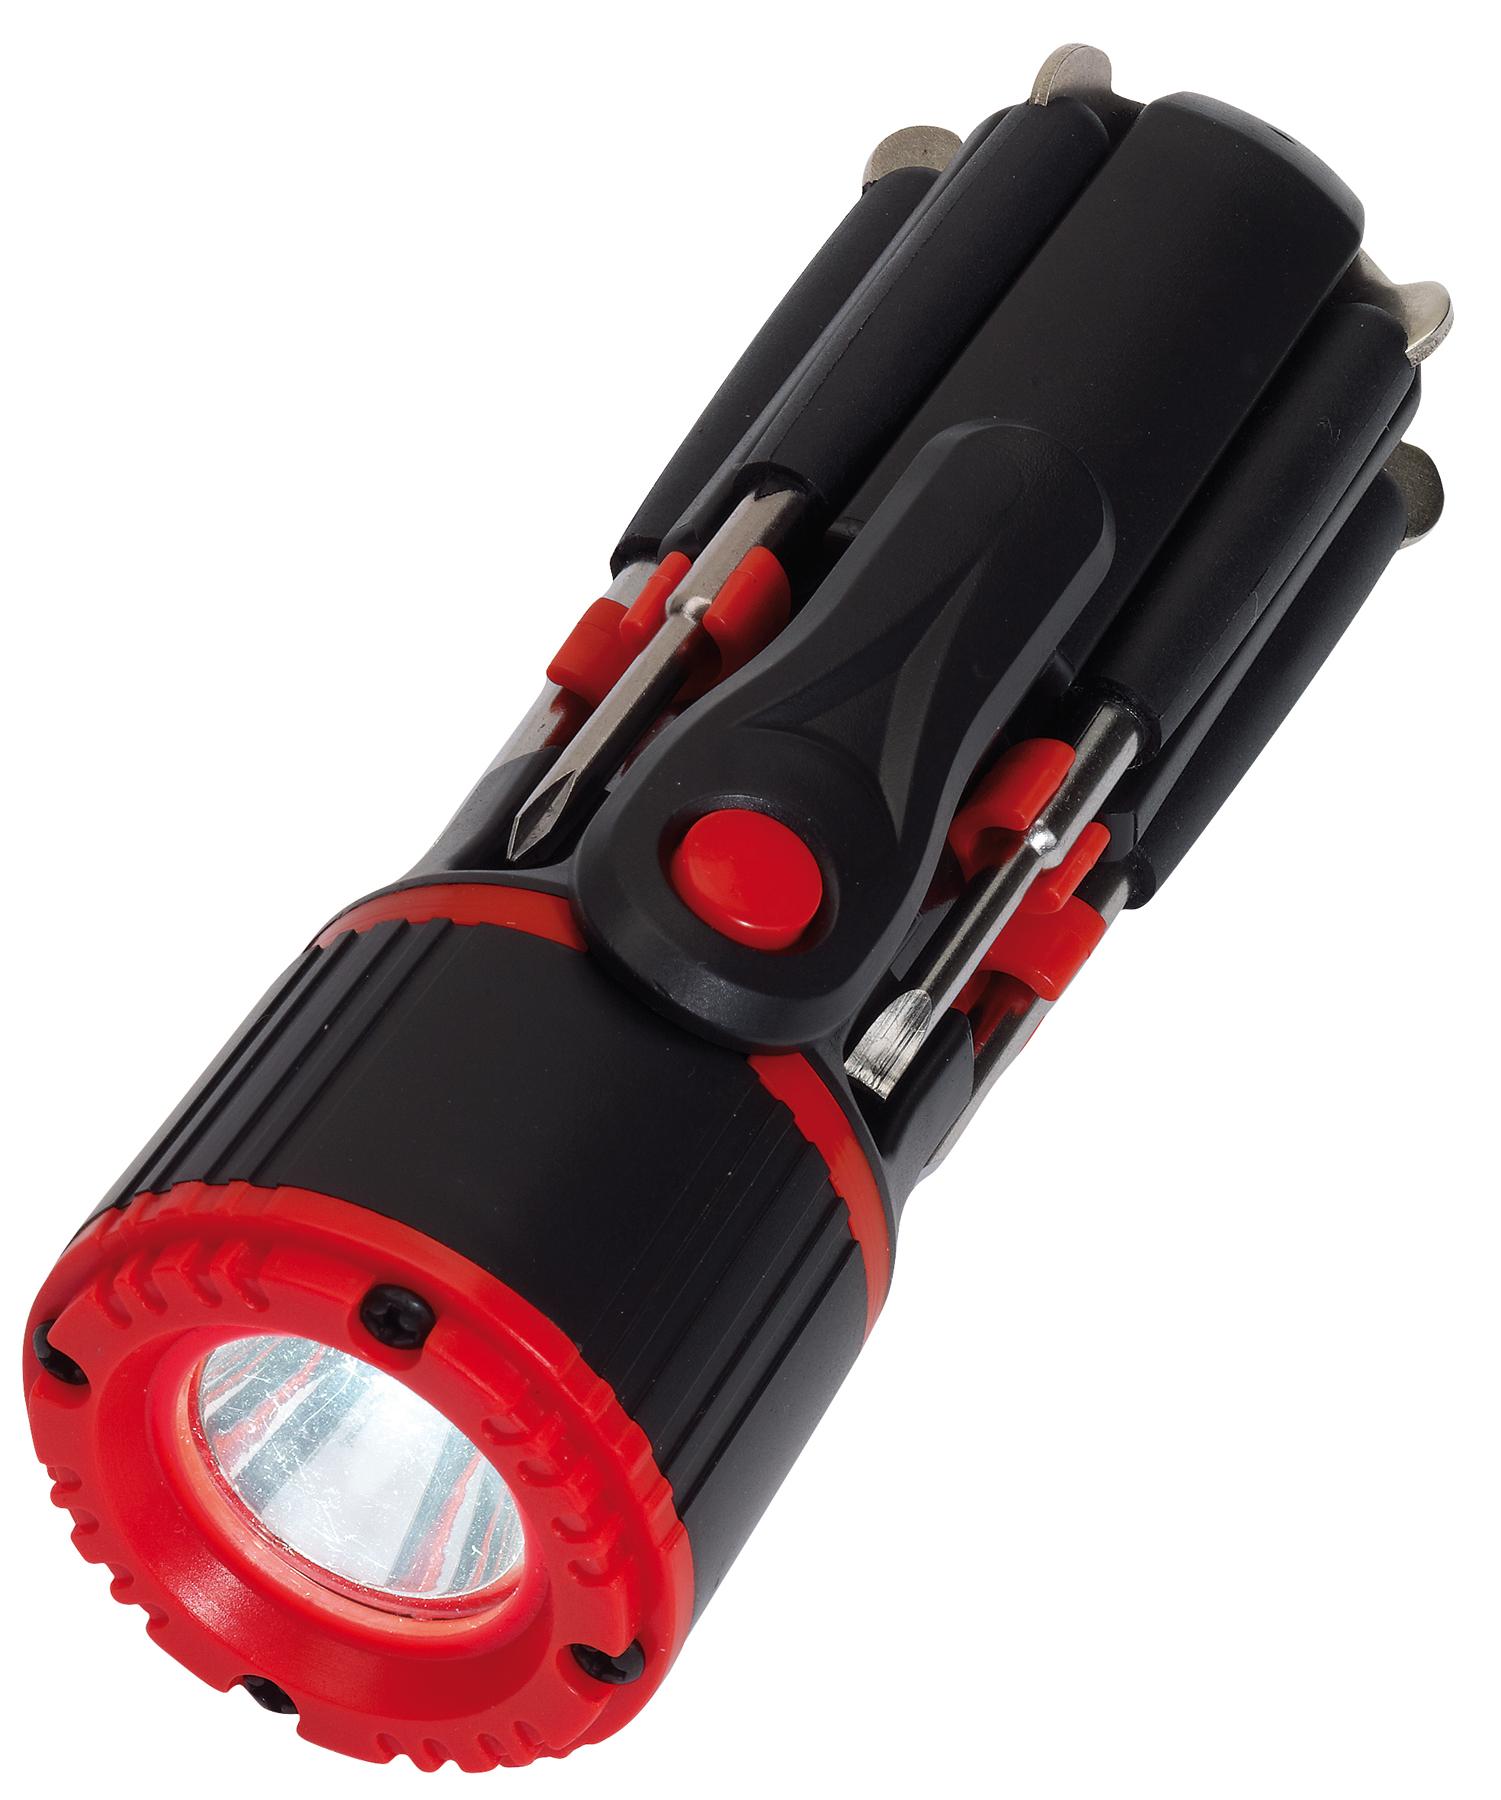 Zestaw śrubokrętów 8IN1, czarny, czerwony